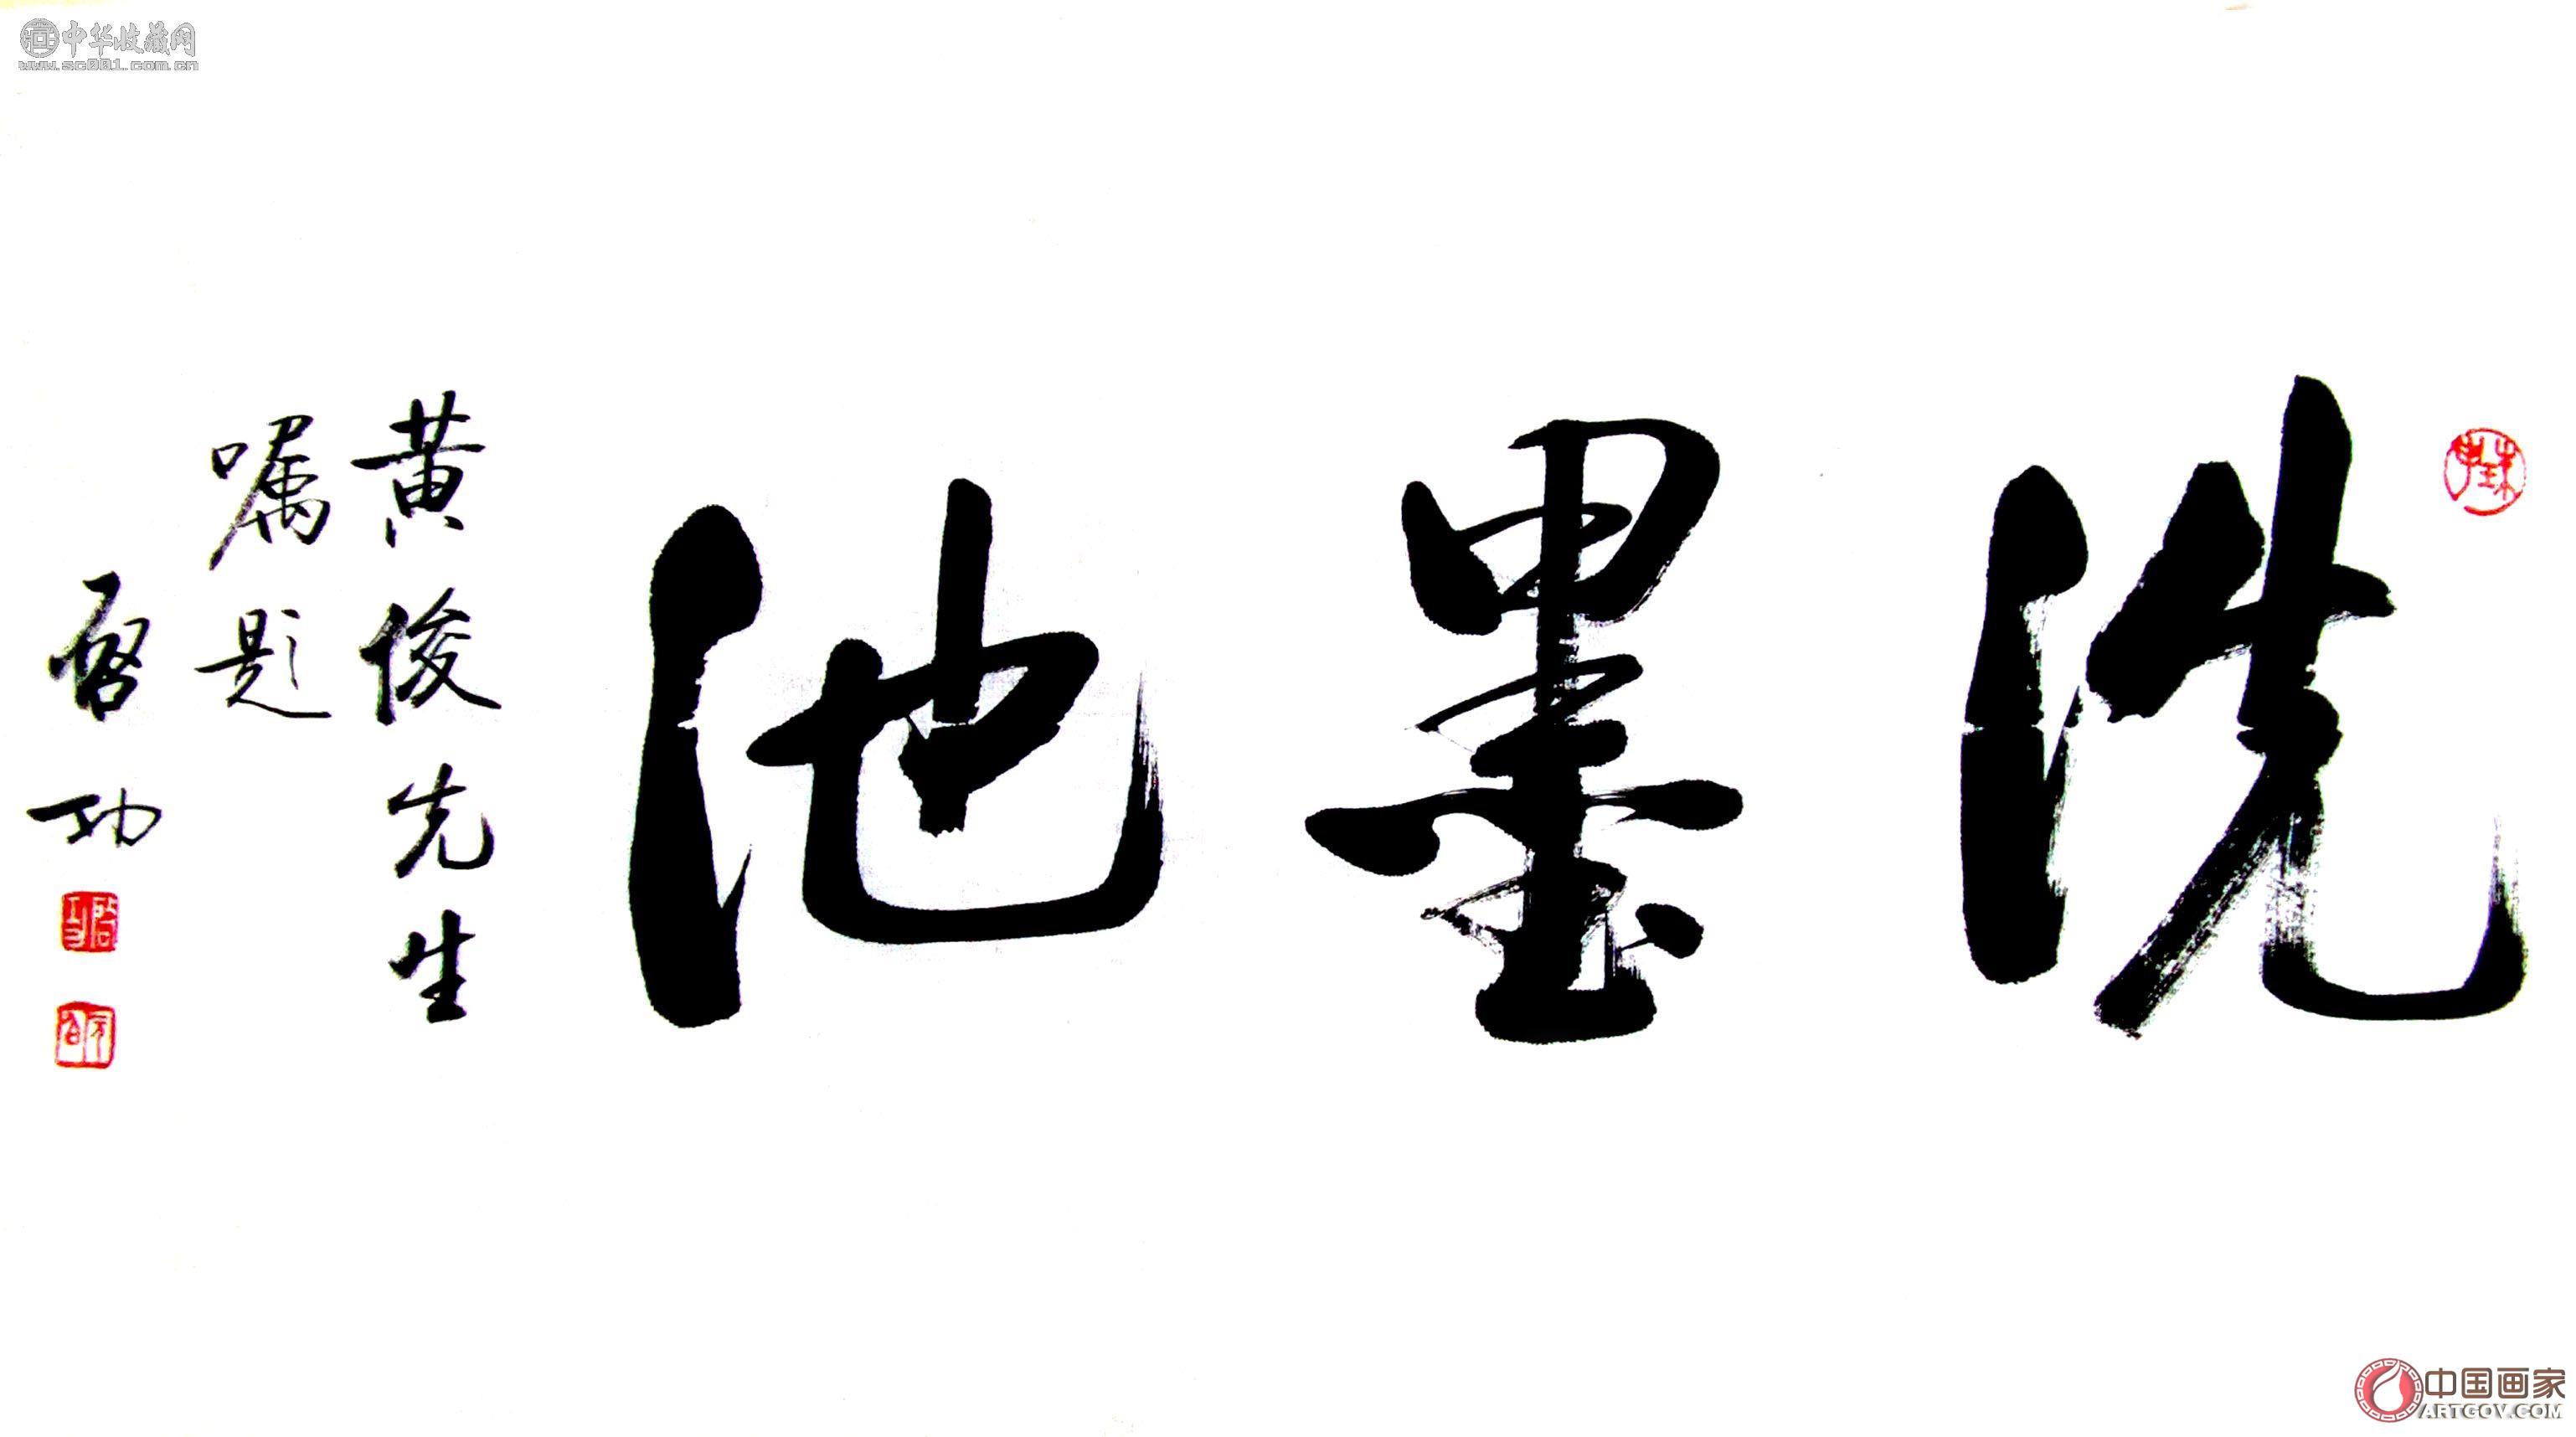 中国书法家协会名誉主席,世界华人书画家联合会创会主席,中国佛教协会图片